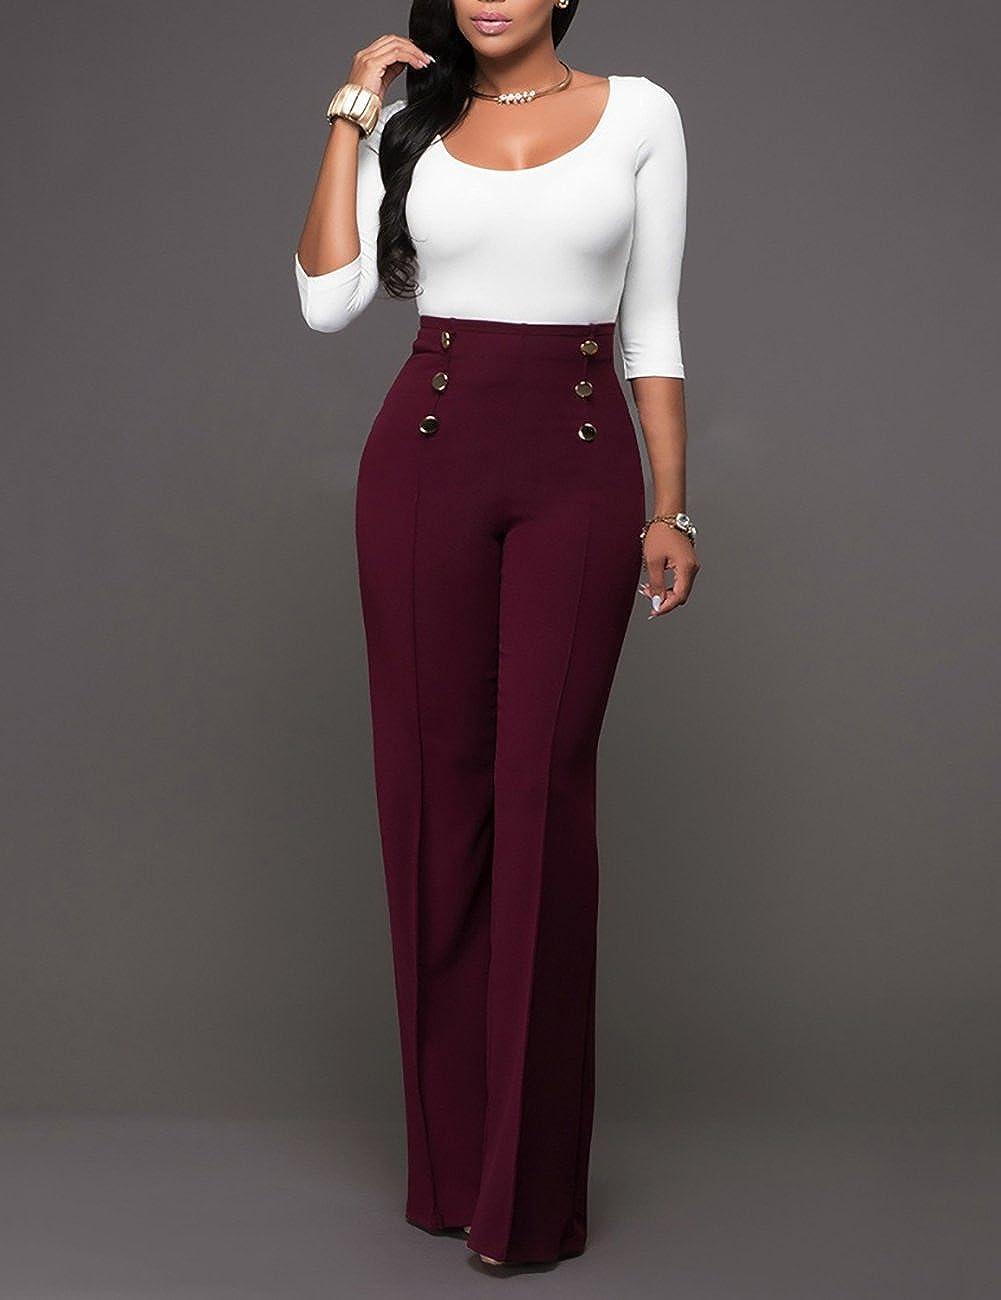 Ninimour Pantalones de Pierna Ancha Cintura Alta para Mujer: Amazon.es: Ropa y accesorios